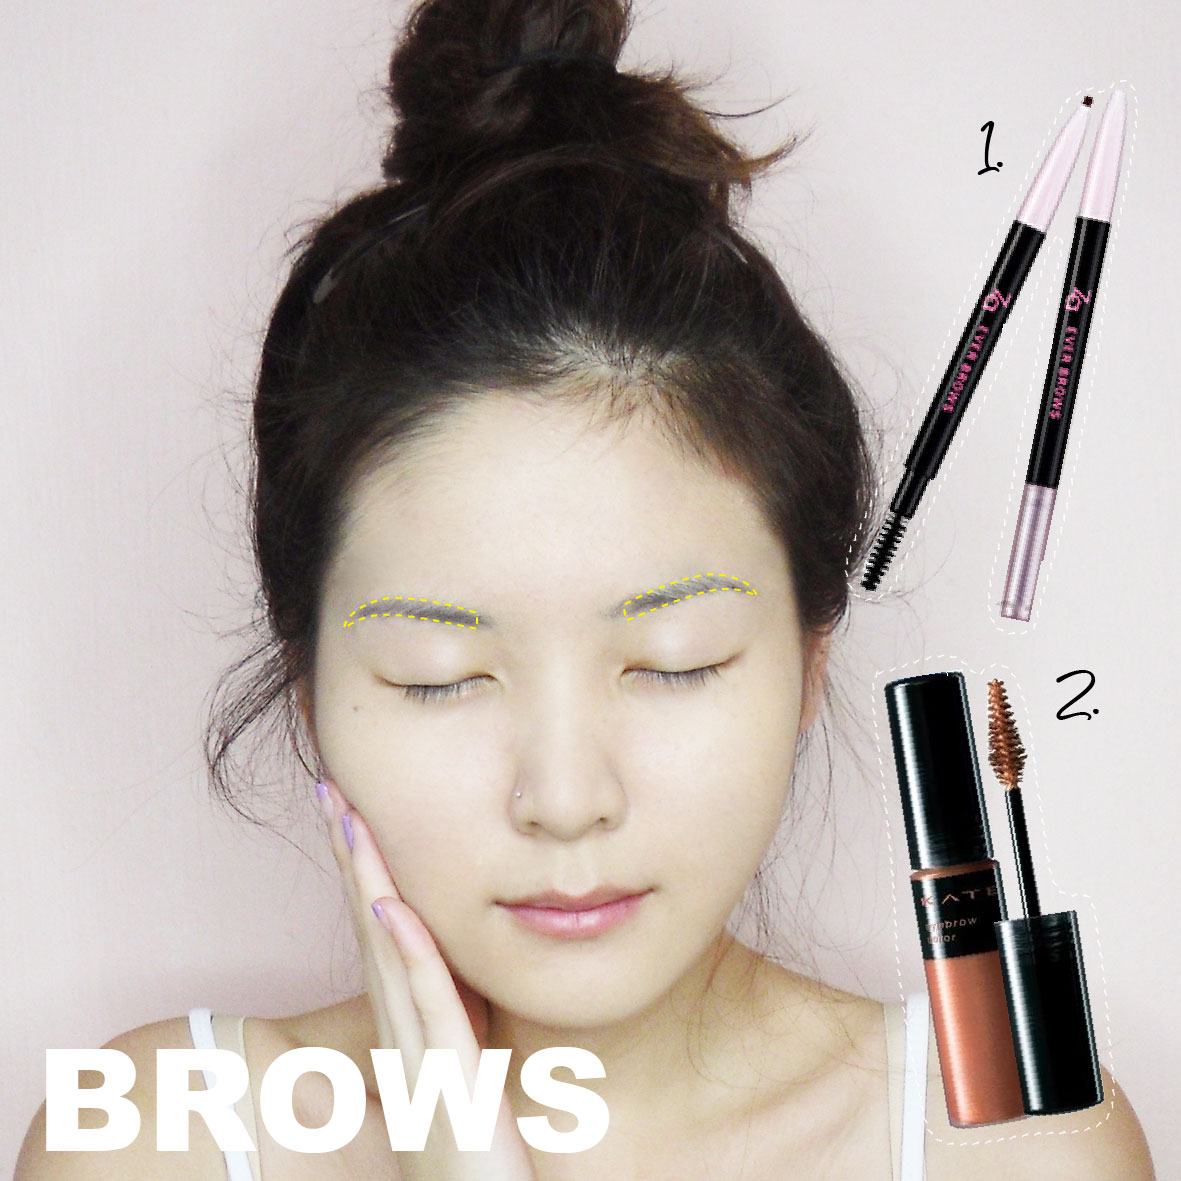 Itszes Makeup Tutorial